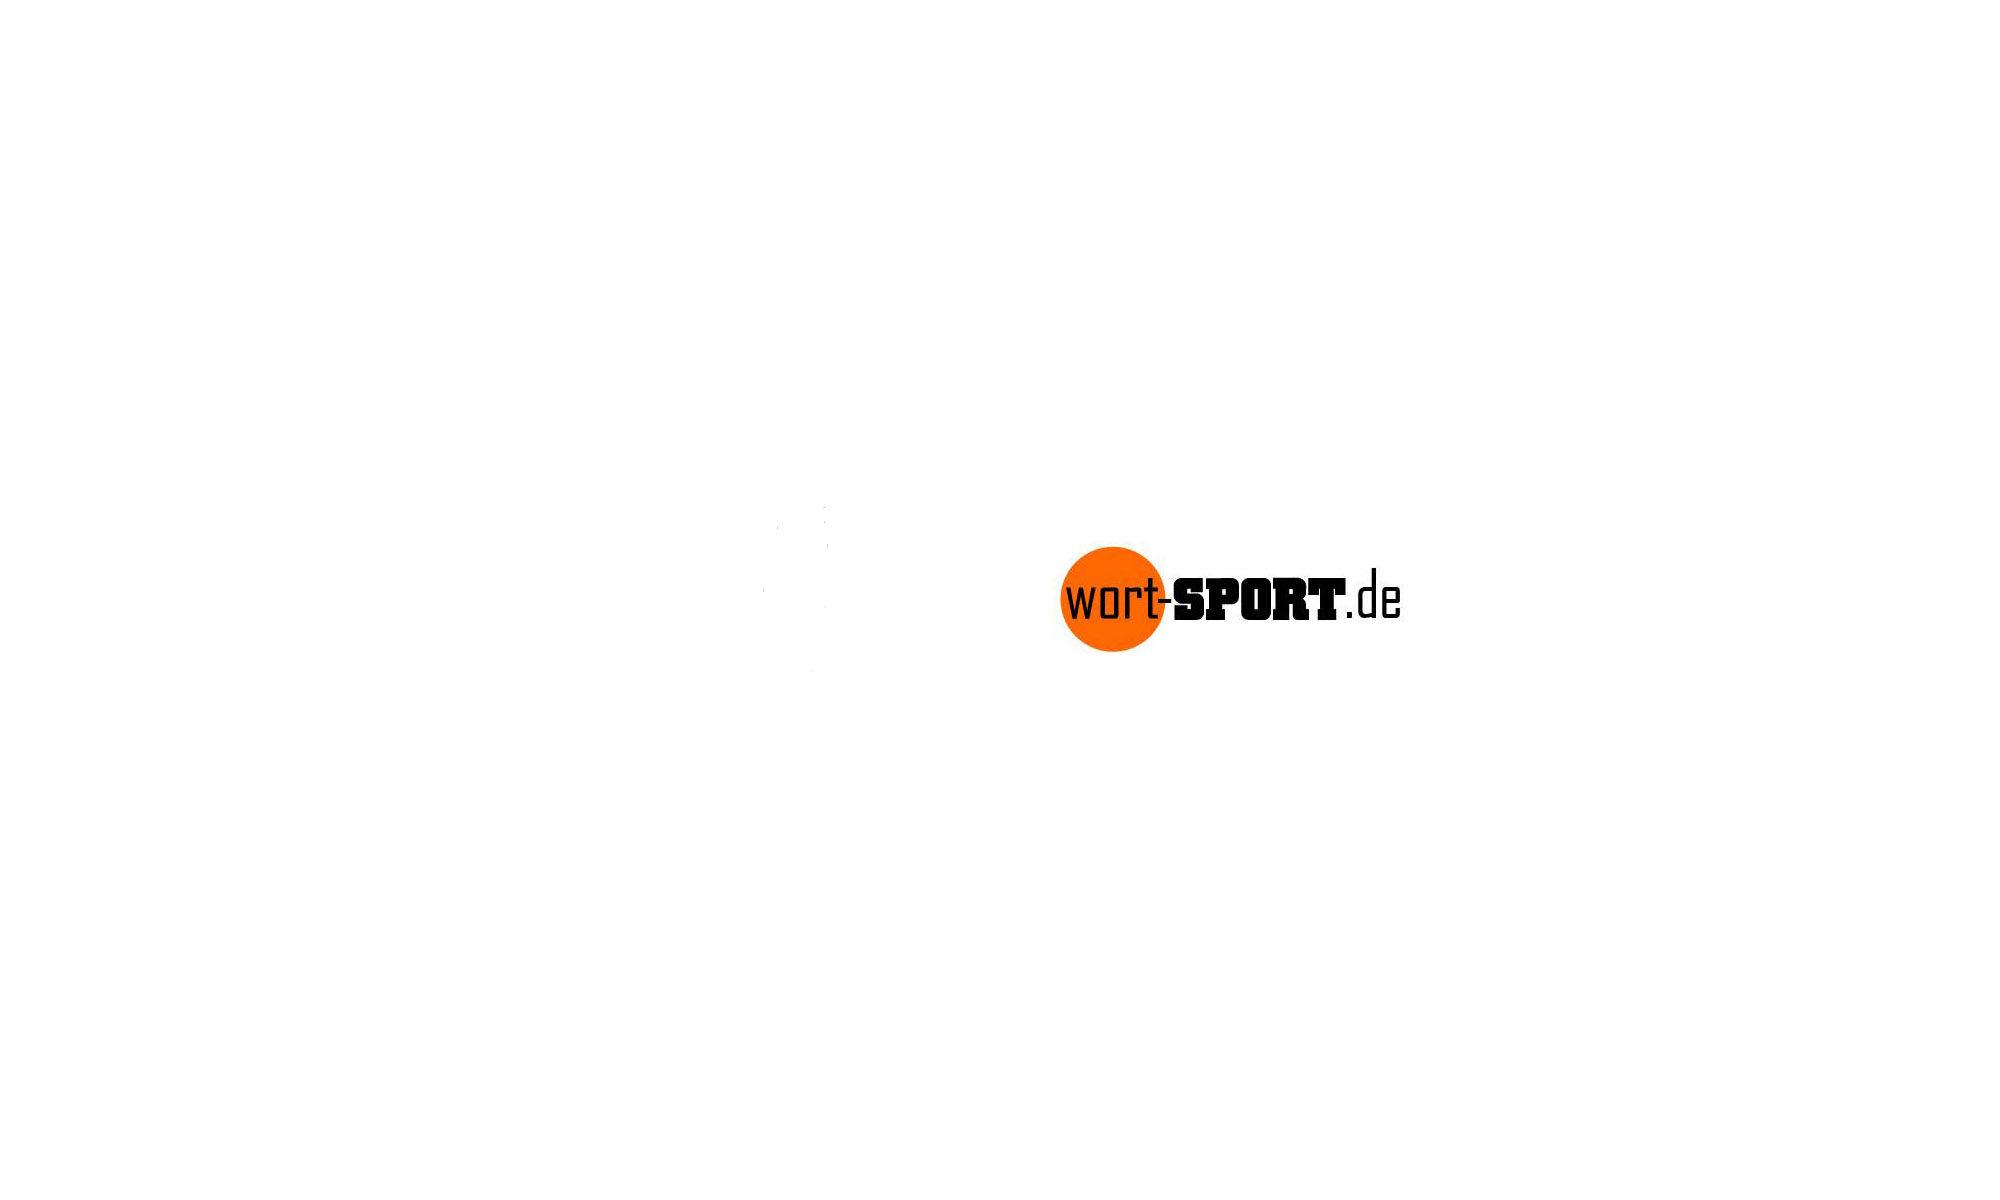 Wort-Sport.de